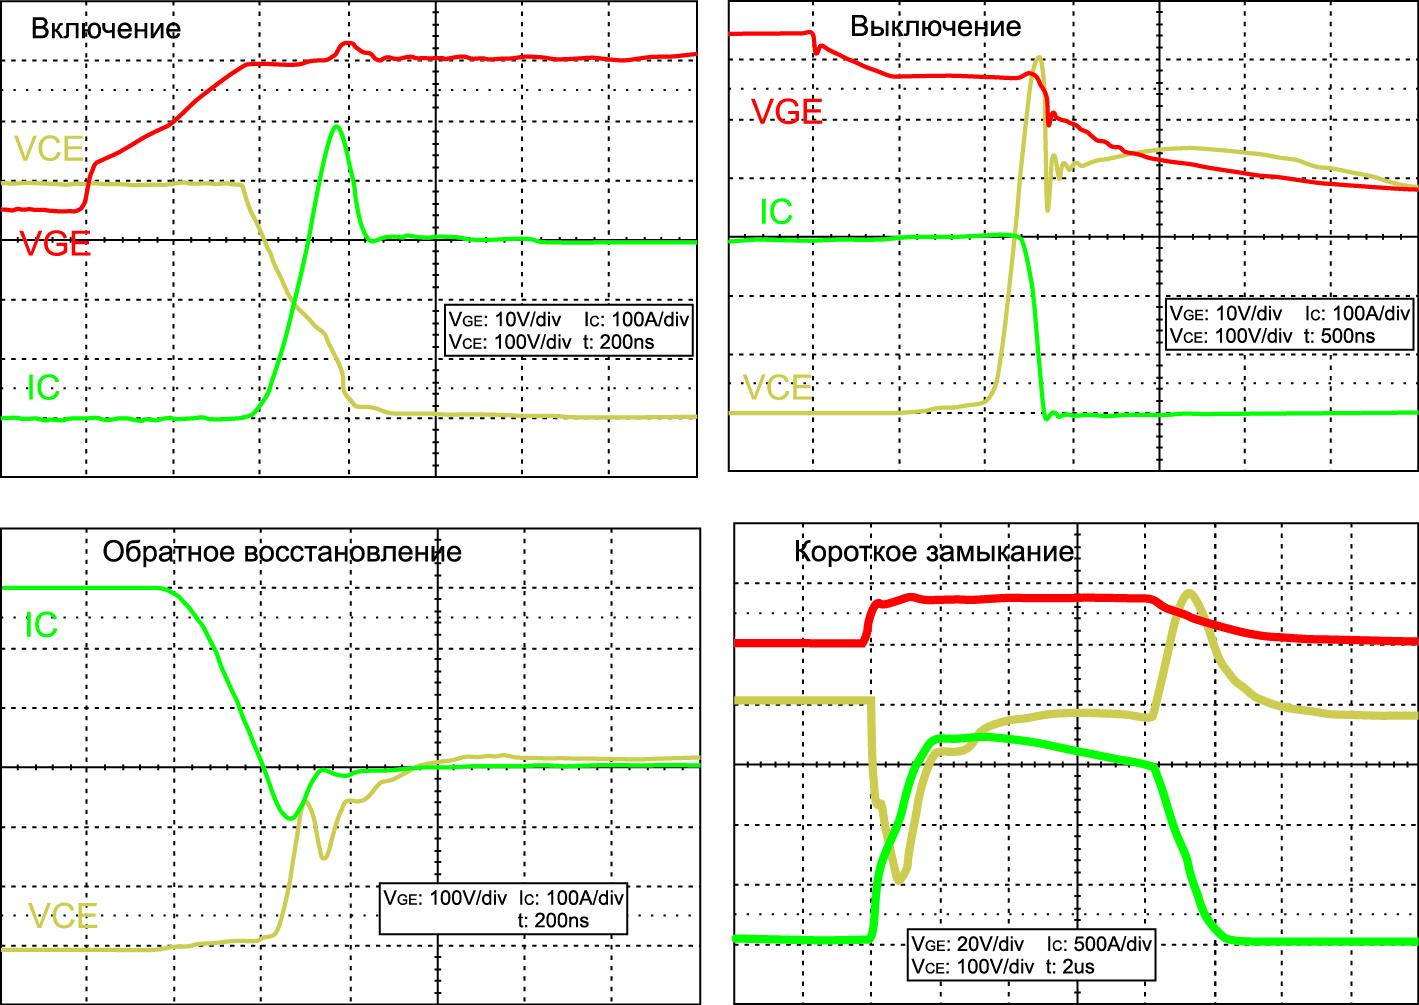 Временные диаграммы поведения RB-IGBT (включение, выключение, обратное восстановление, короткое замыкание)